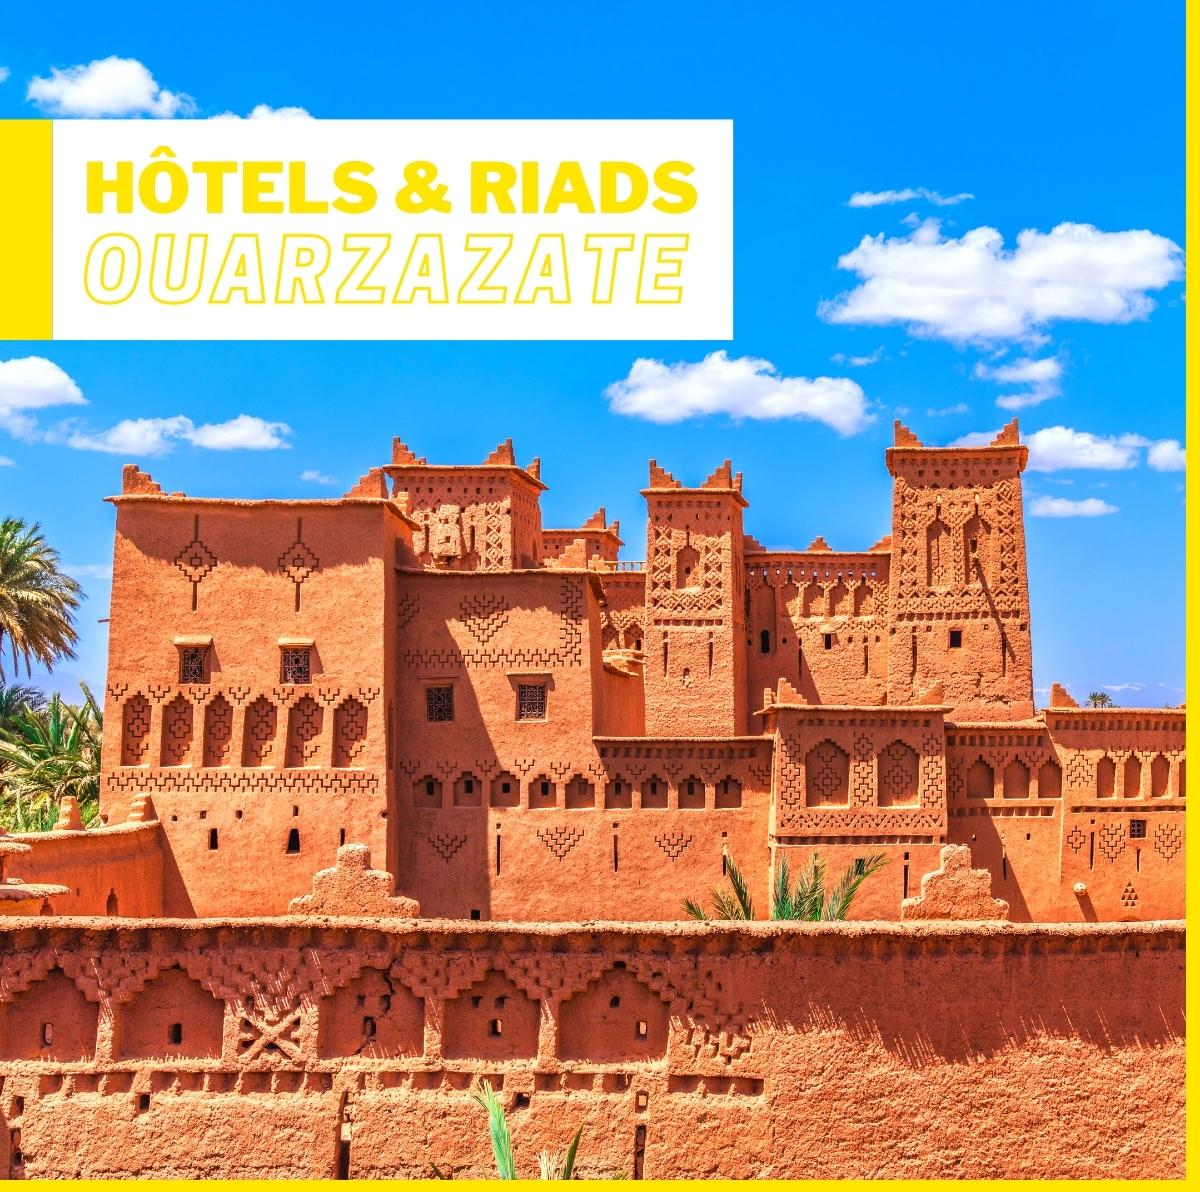 Hôtels et Riads à Ouarzazate